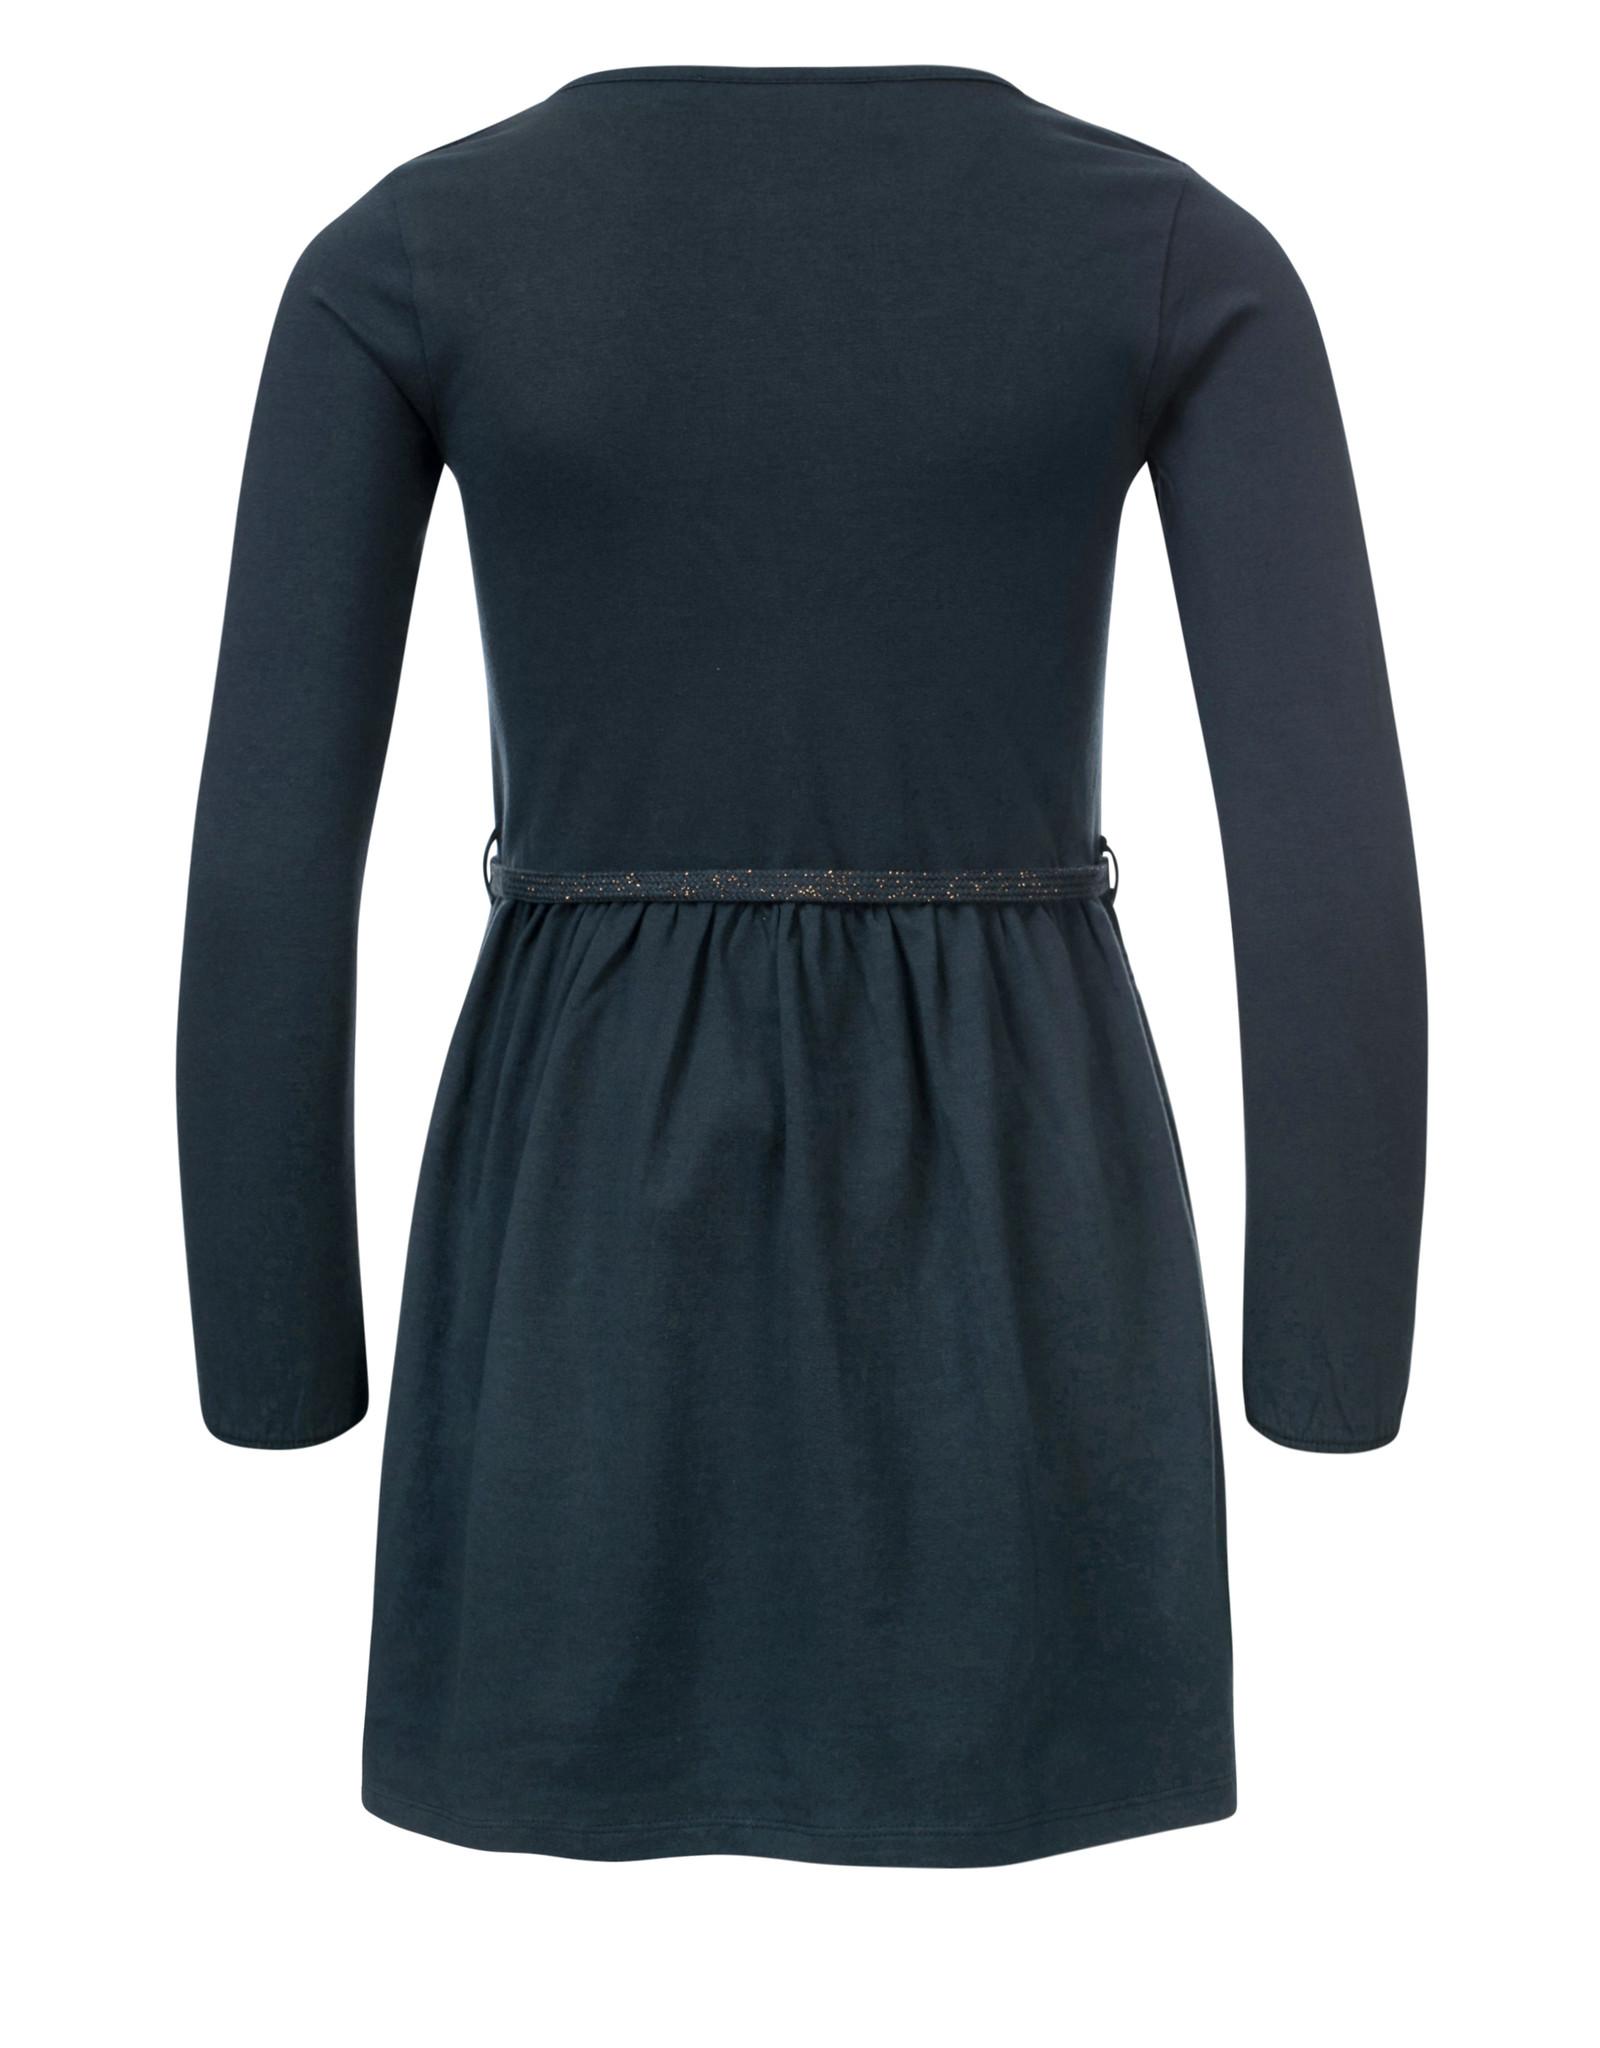 Looxs Little Little dress l.sleeve teal